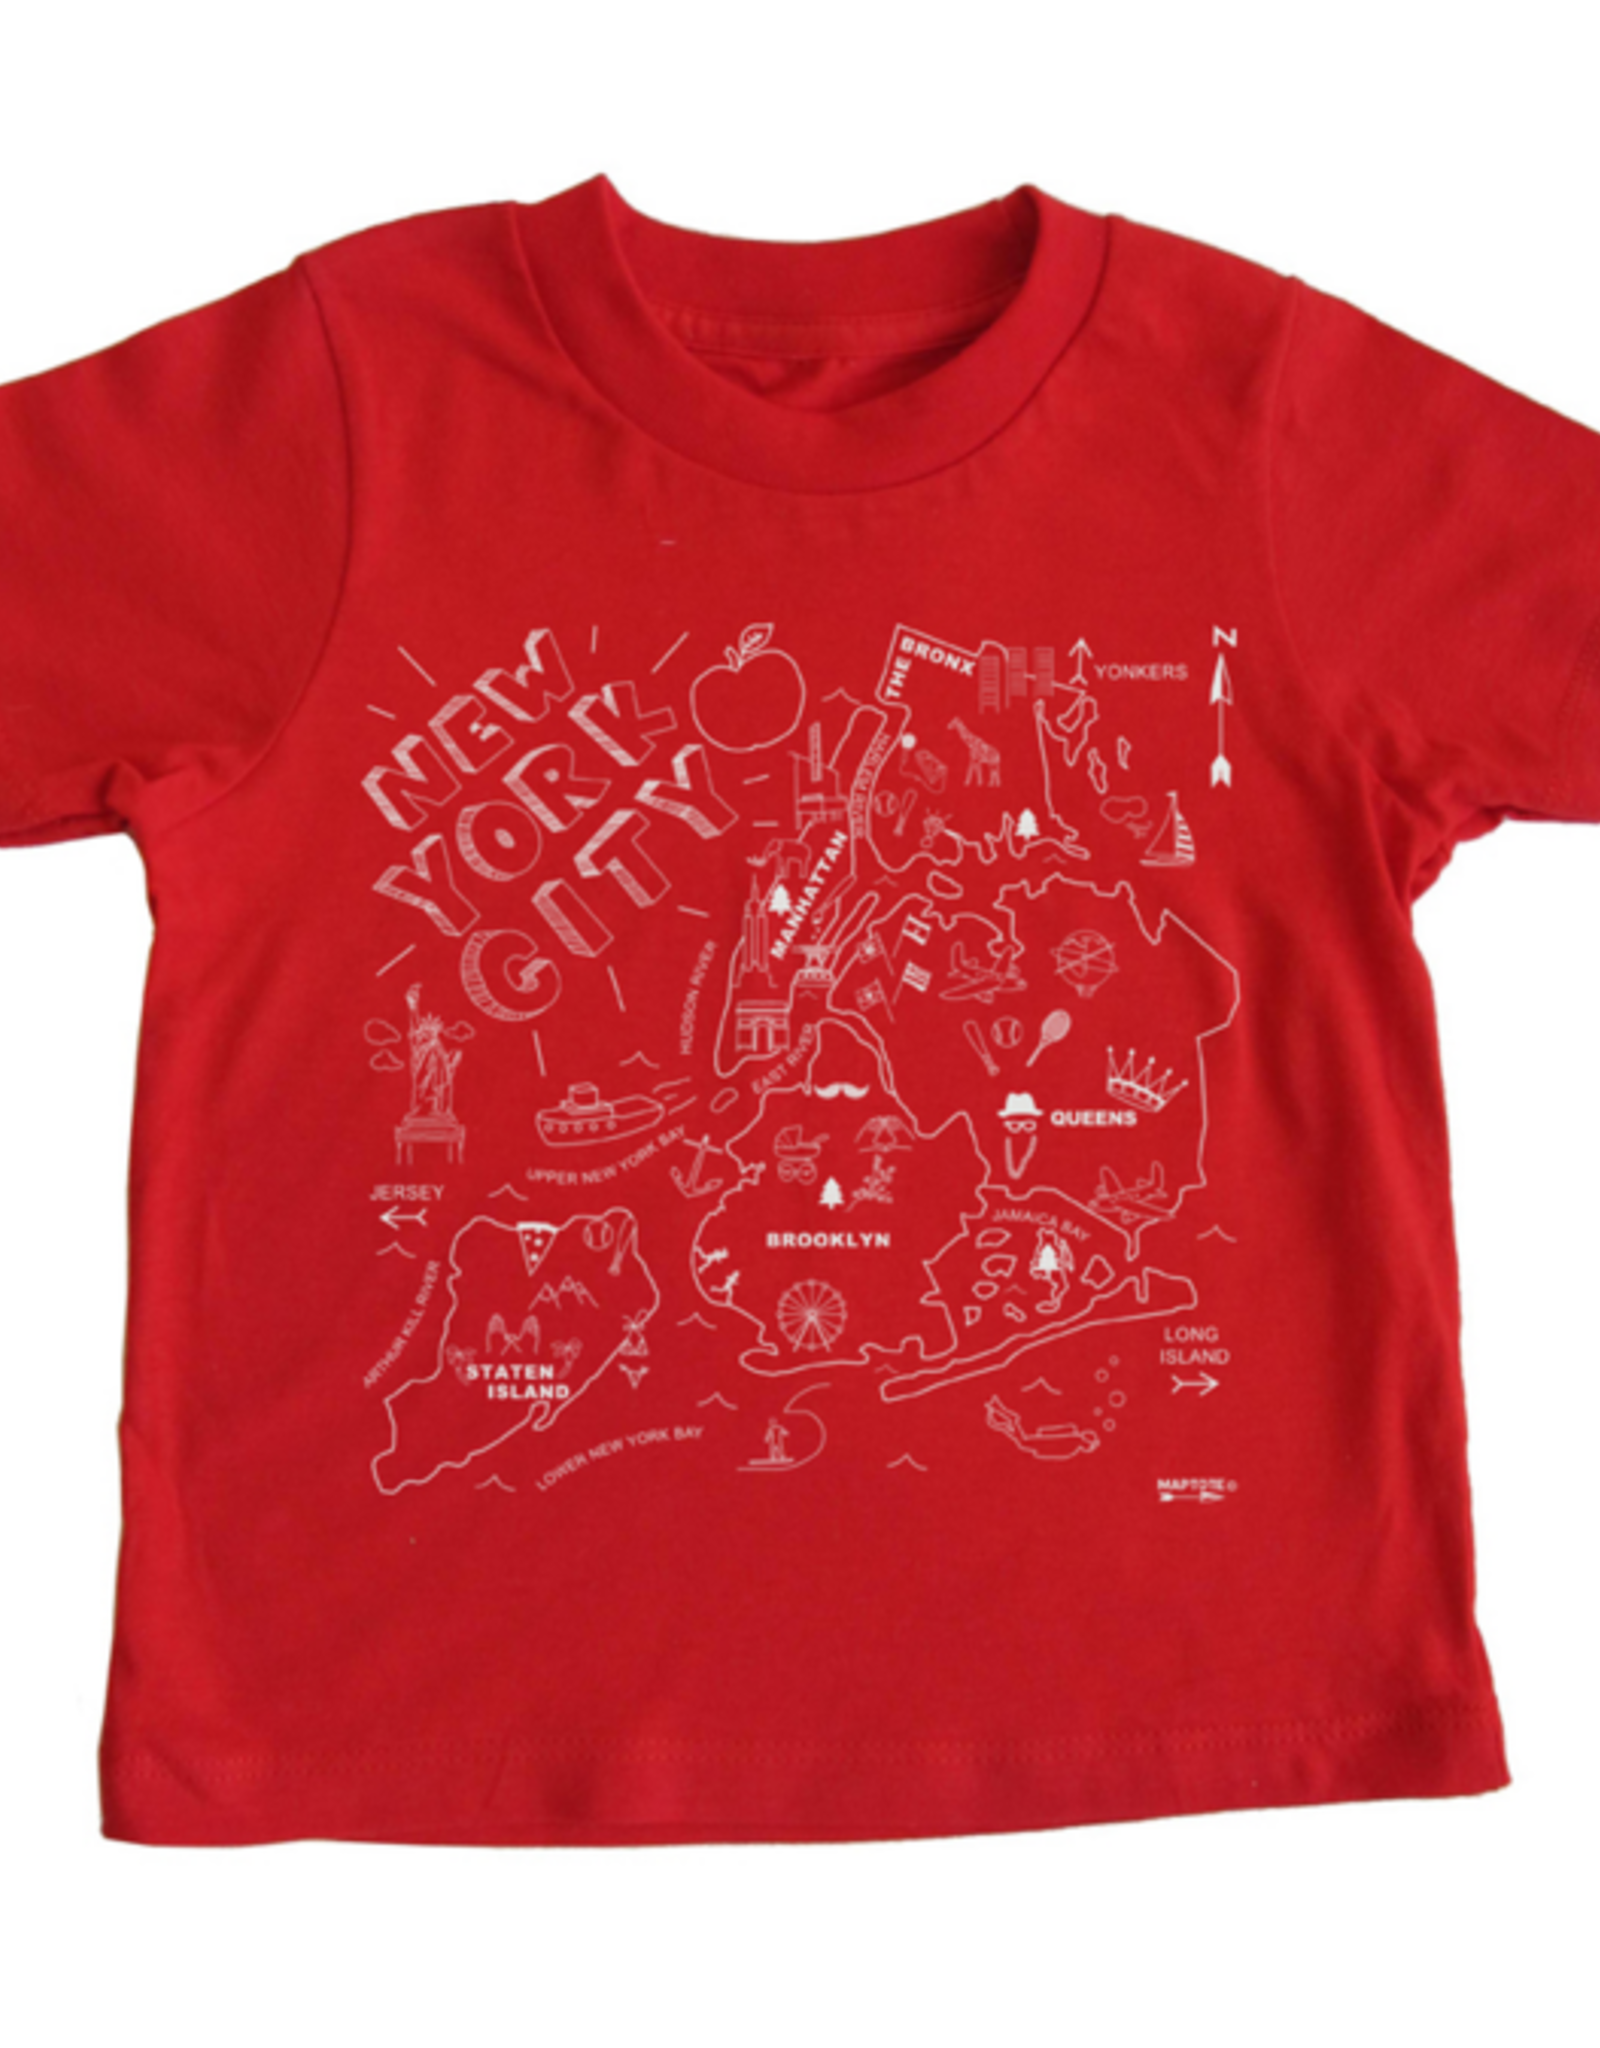 NYC Toddler T-Shirt